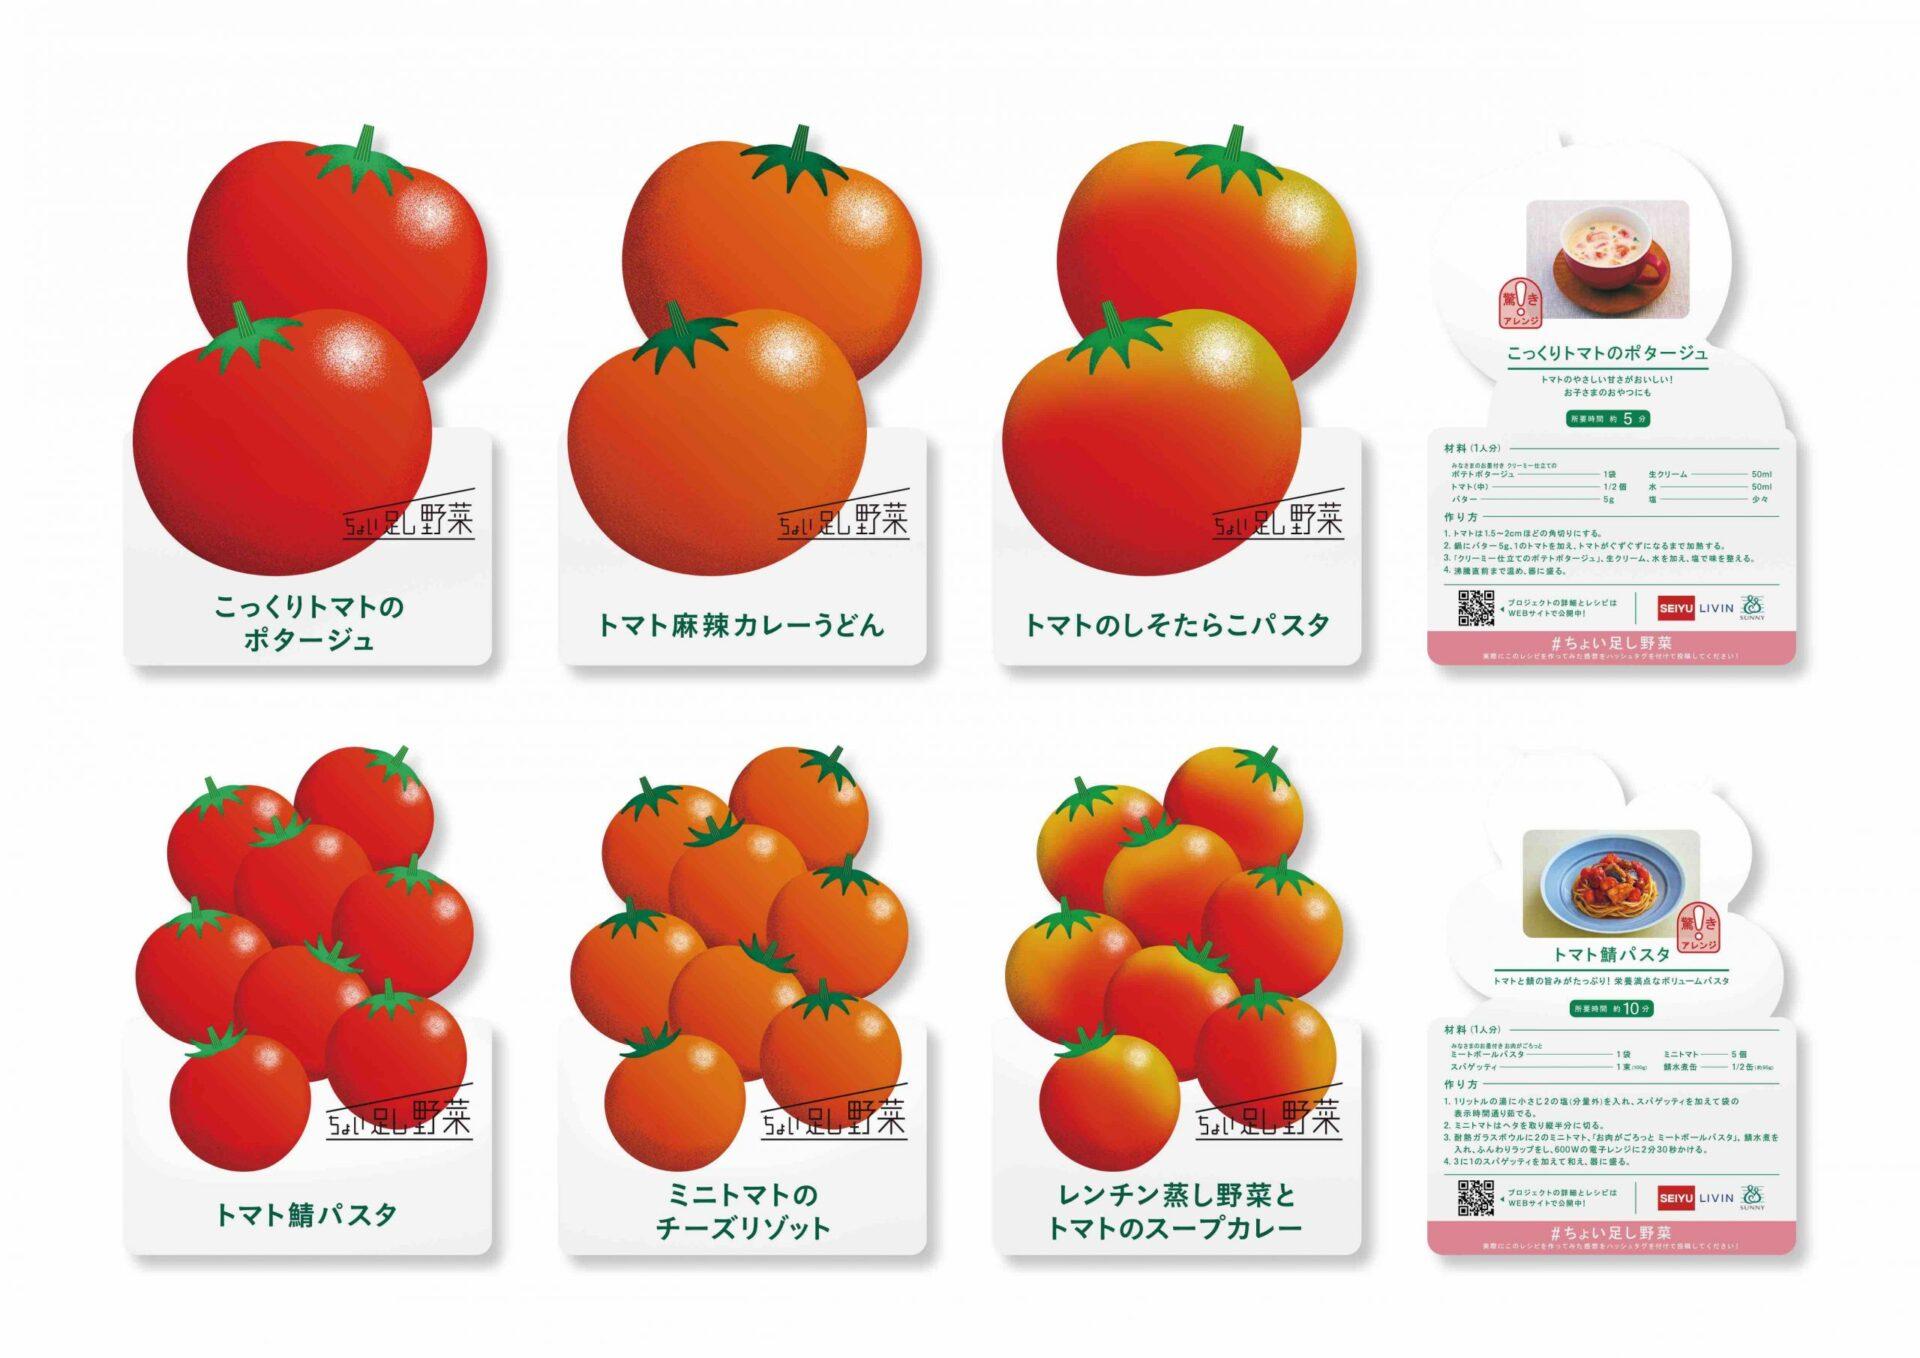 トマトのレシピカード